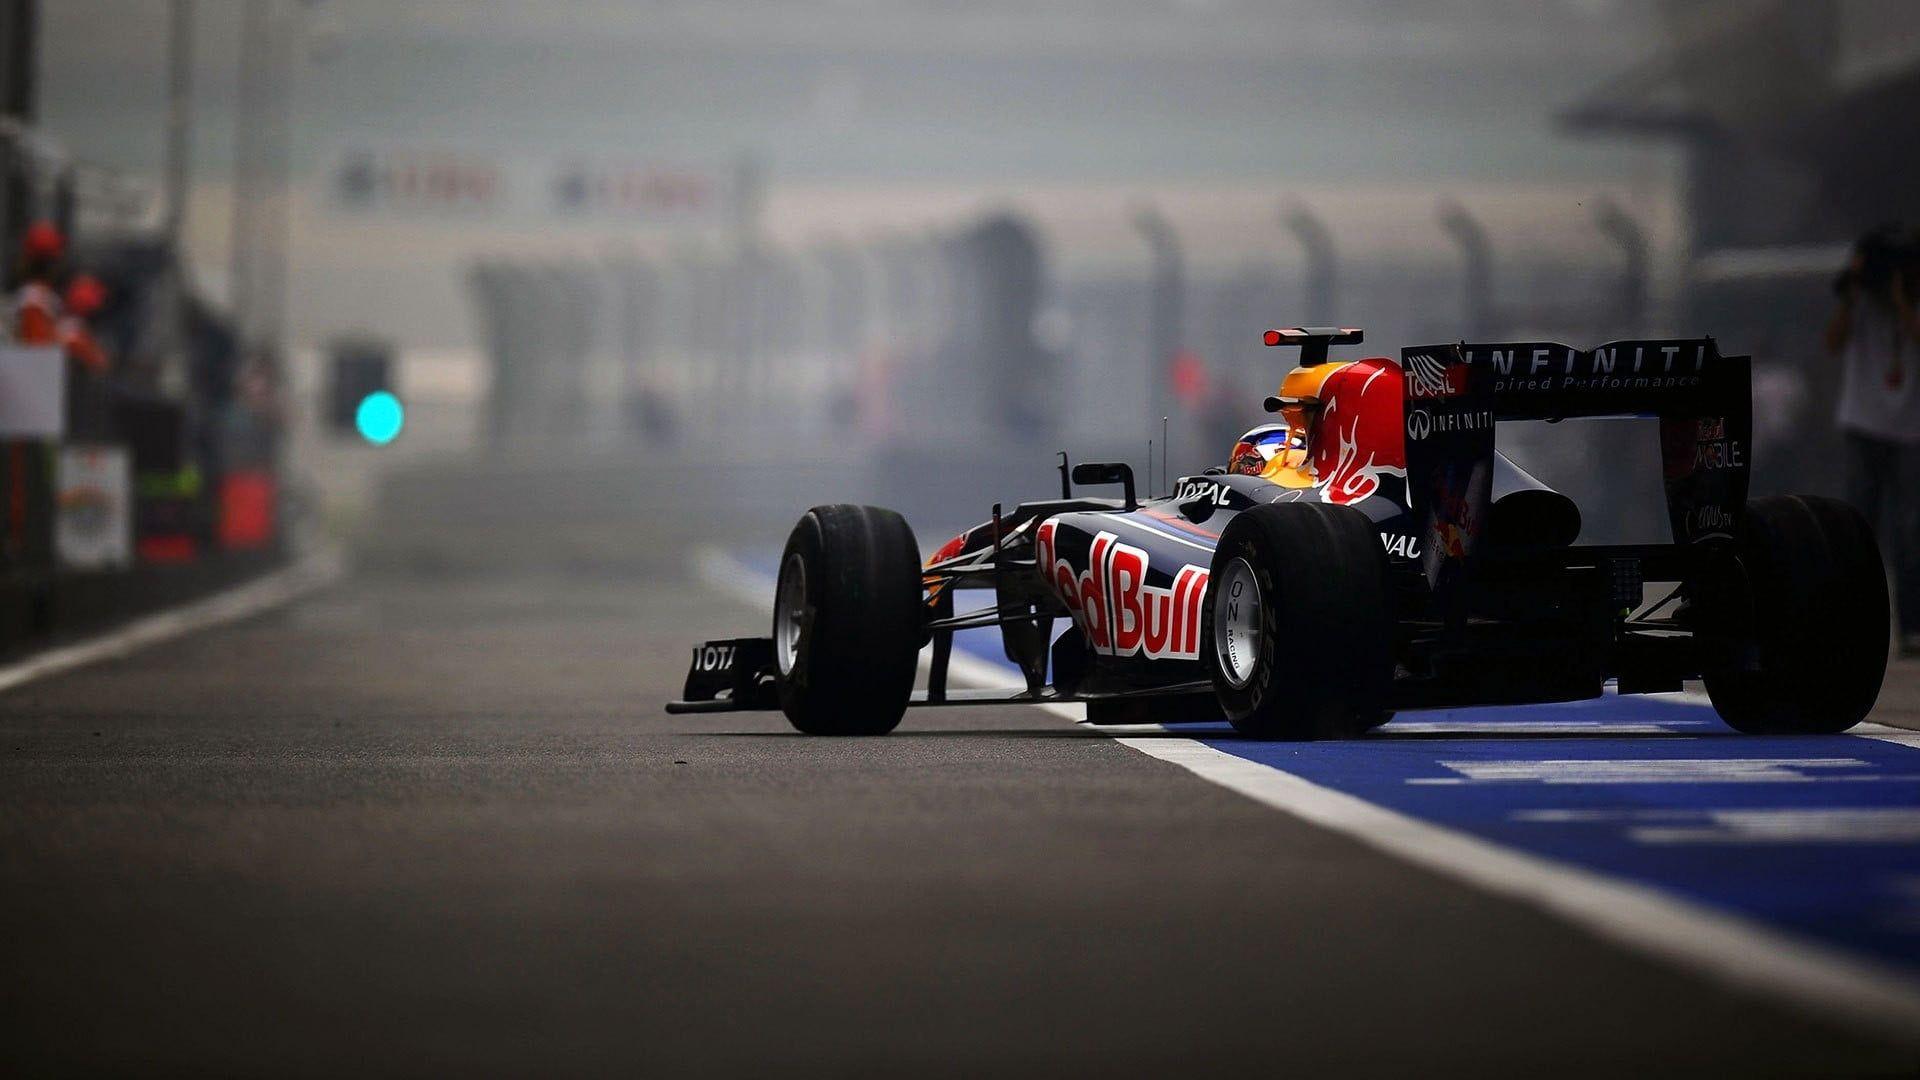 Pin By Tafara Mutseta On F1 F1 Wallpaper Grand Prix Cars Red Bull F1